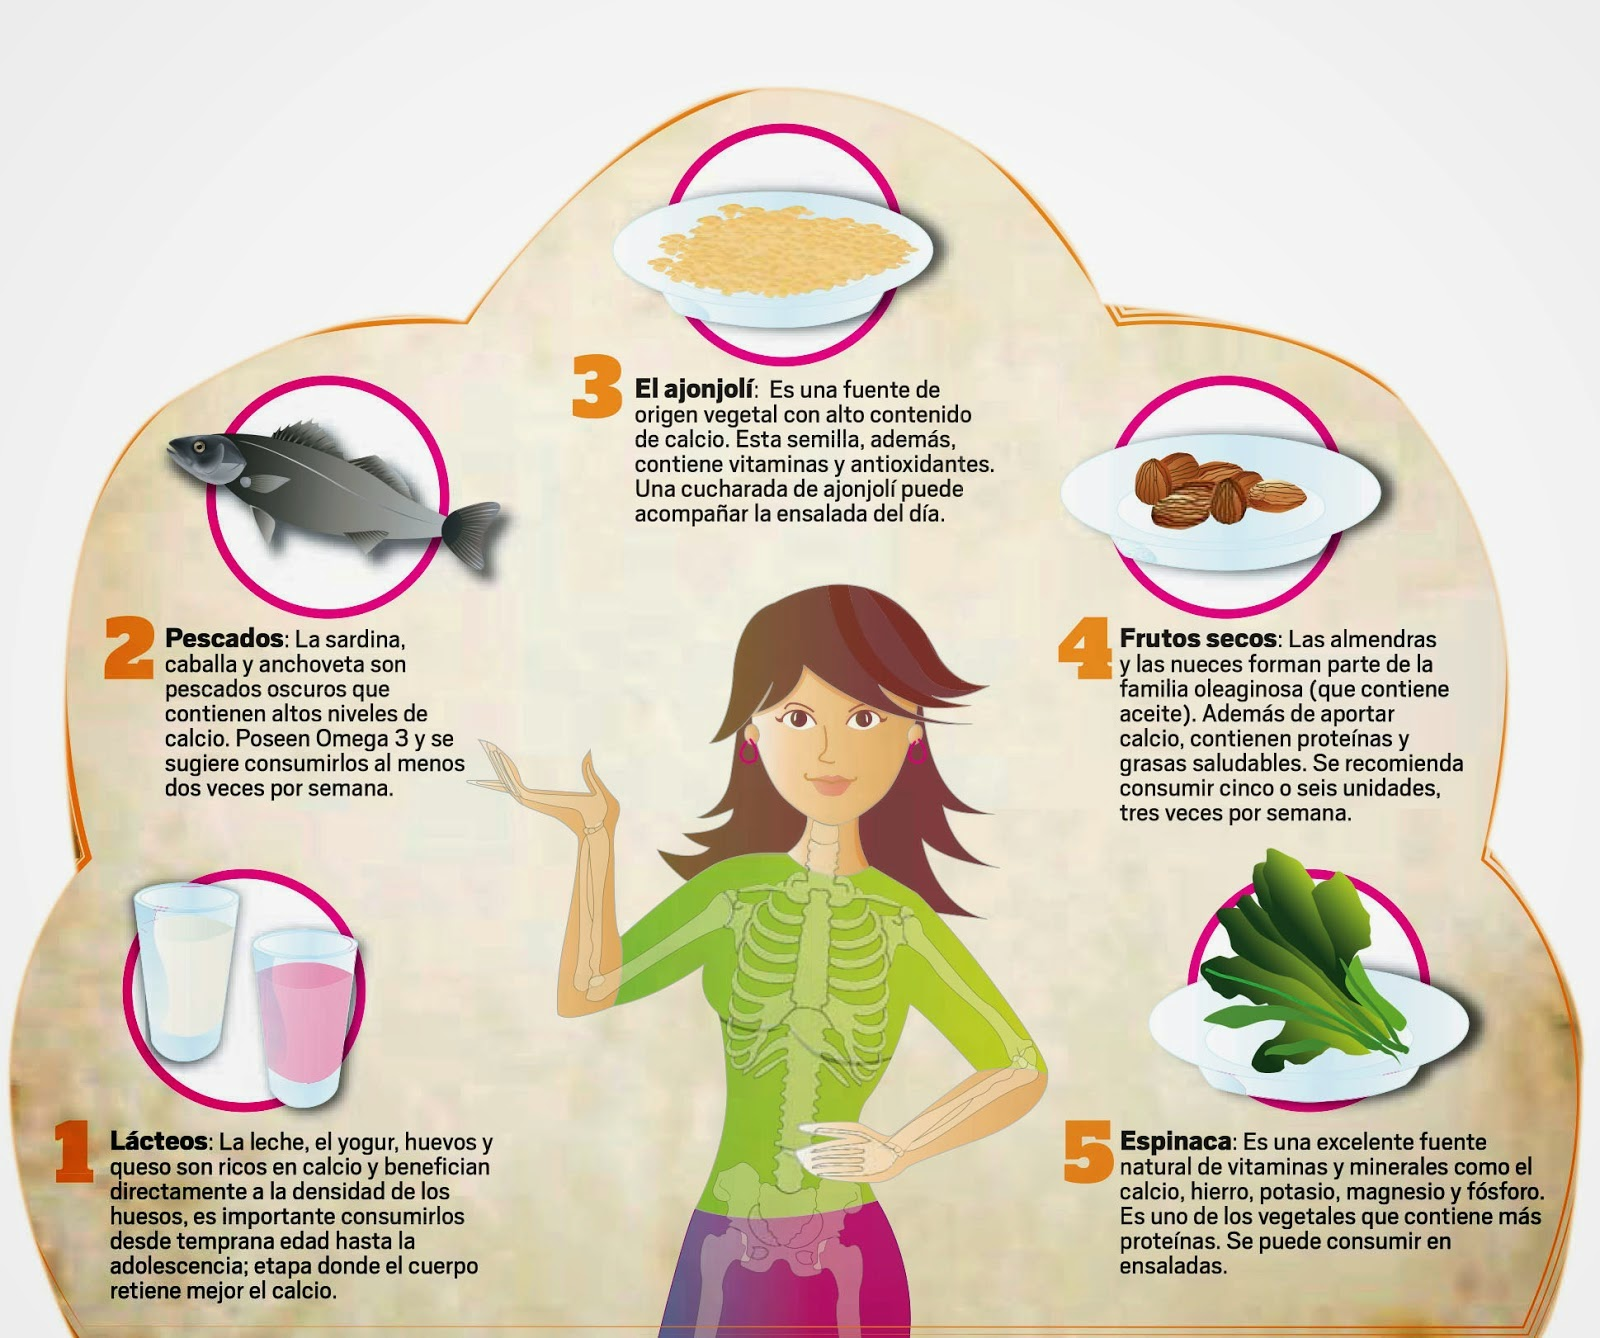 Cuaderno de salud y dietética. : Recopilación de consejos ...